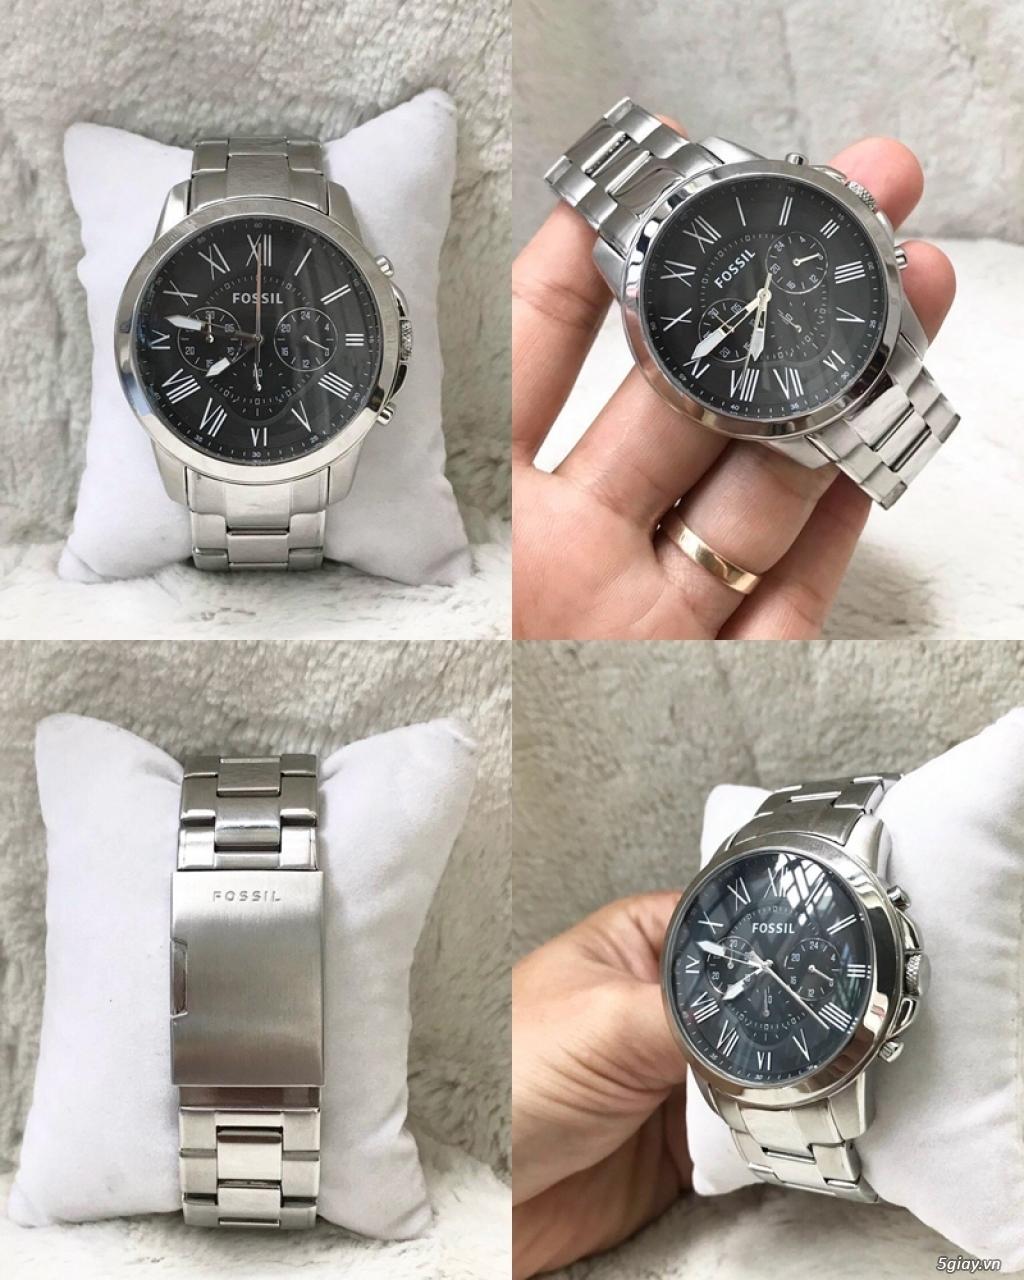 Kho đồng hồ xách tay chính hãng secondhand update liên tục - 28